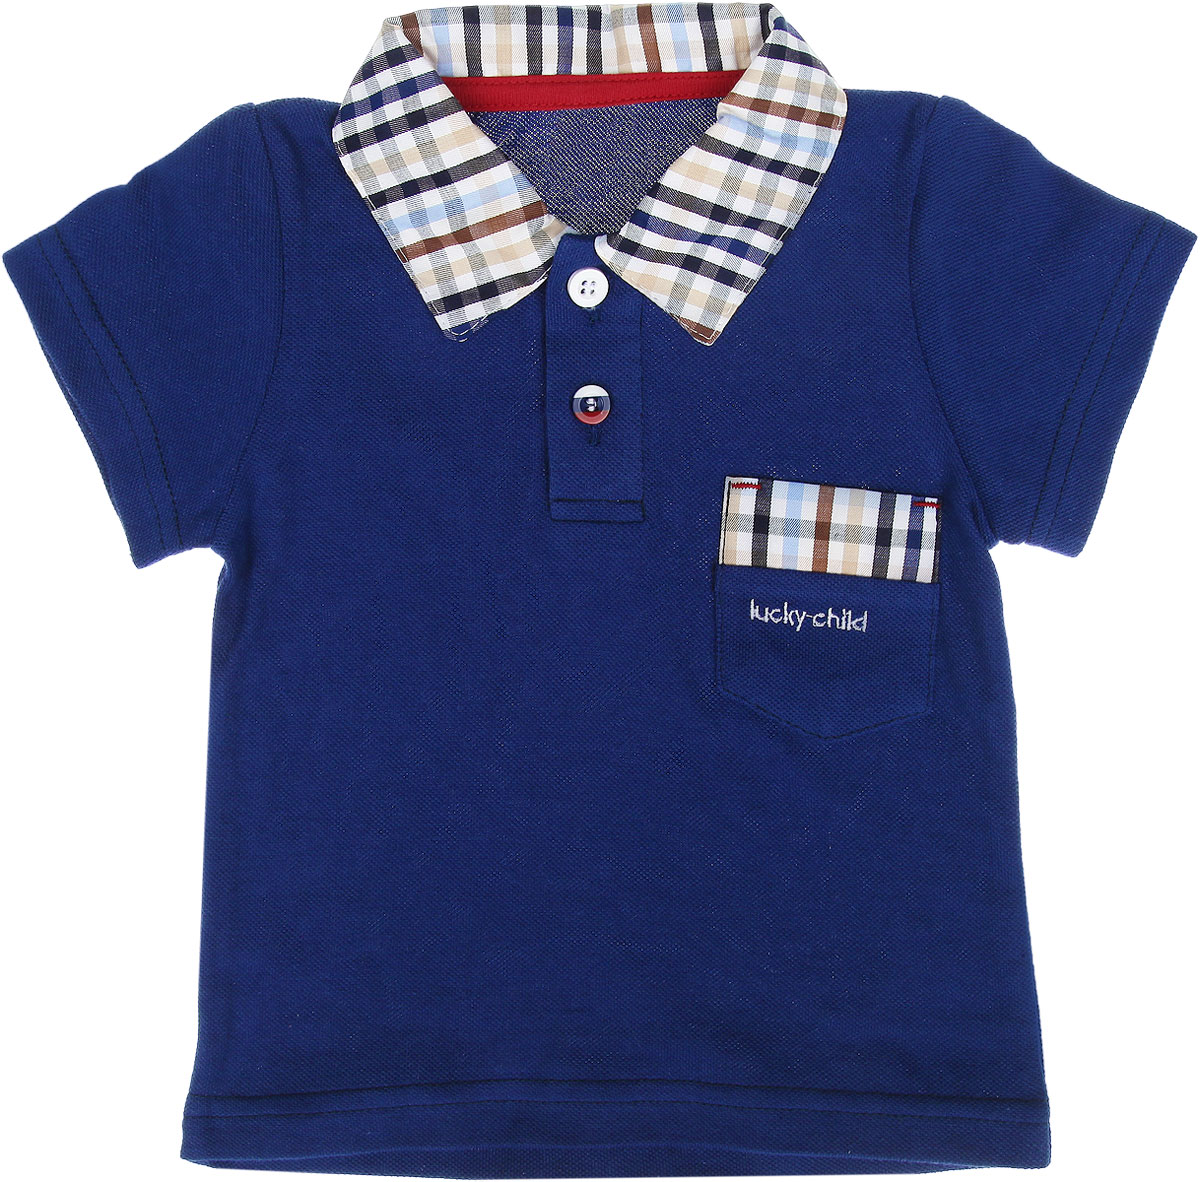 Поло для мальчика Lucky Child, цвет: темно-синий, бежевый. 40-50. Размер 80/8640-50Модная футболка-поло для мальчика Lucky Child идеально подойдет для вашего маленького мужчины. Изготовленная из натурального хлопка, она необычайно мягкая и приятная на ощупь, не сковывает движения и позволяет коже дышать, не раздражает даже самую нежную и чувствительную кожу, обеспечивая наибольший комфорт. Футболка с короткими рукавами и отложным воротником-поло спереди застегивается на две пуговицы. На груди предусмотрен накладной кармашек. Воротник и верхняя часть кармана оформлены принтом в клетку. Современный дизайн и расцветка делают эту футболку модным и стильным предметом детского гардероба. В ней ваш ребенок будет чувствовать себя уютно и комфортно, и всегда будет в центре внимания!